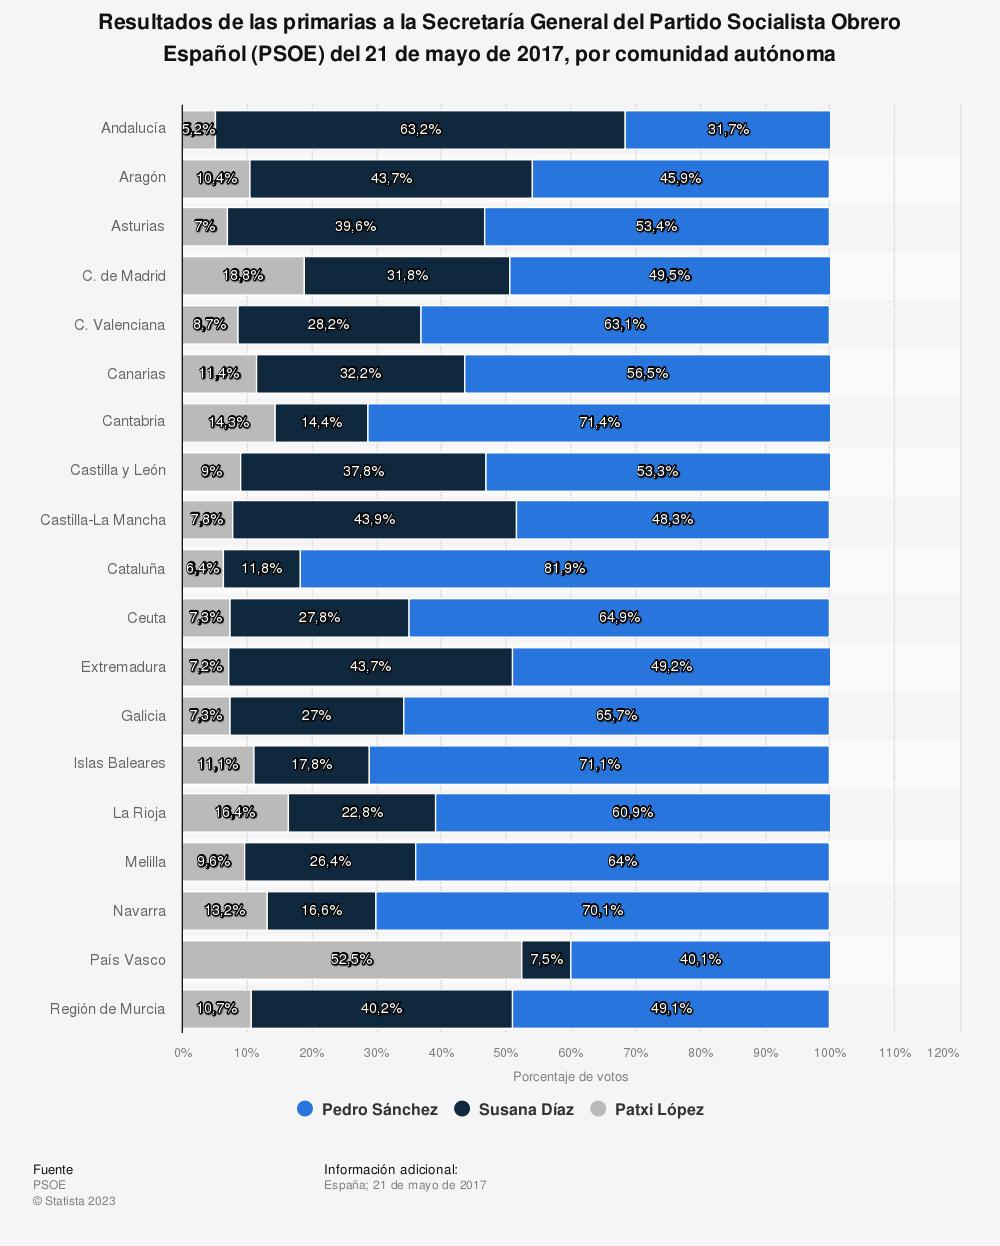 Estadística: Resultados de las primarias a la Secretaría General del Partido Socialista Obrero Español (PSOE) del 21 de mayo de 2017, por comunidad autónoma | Statista